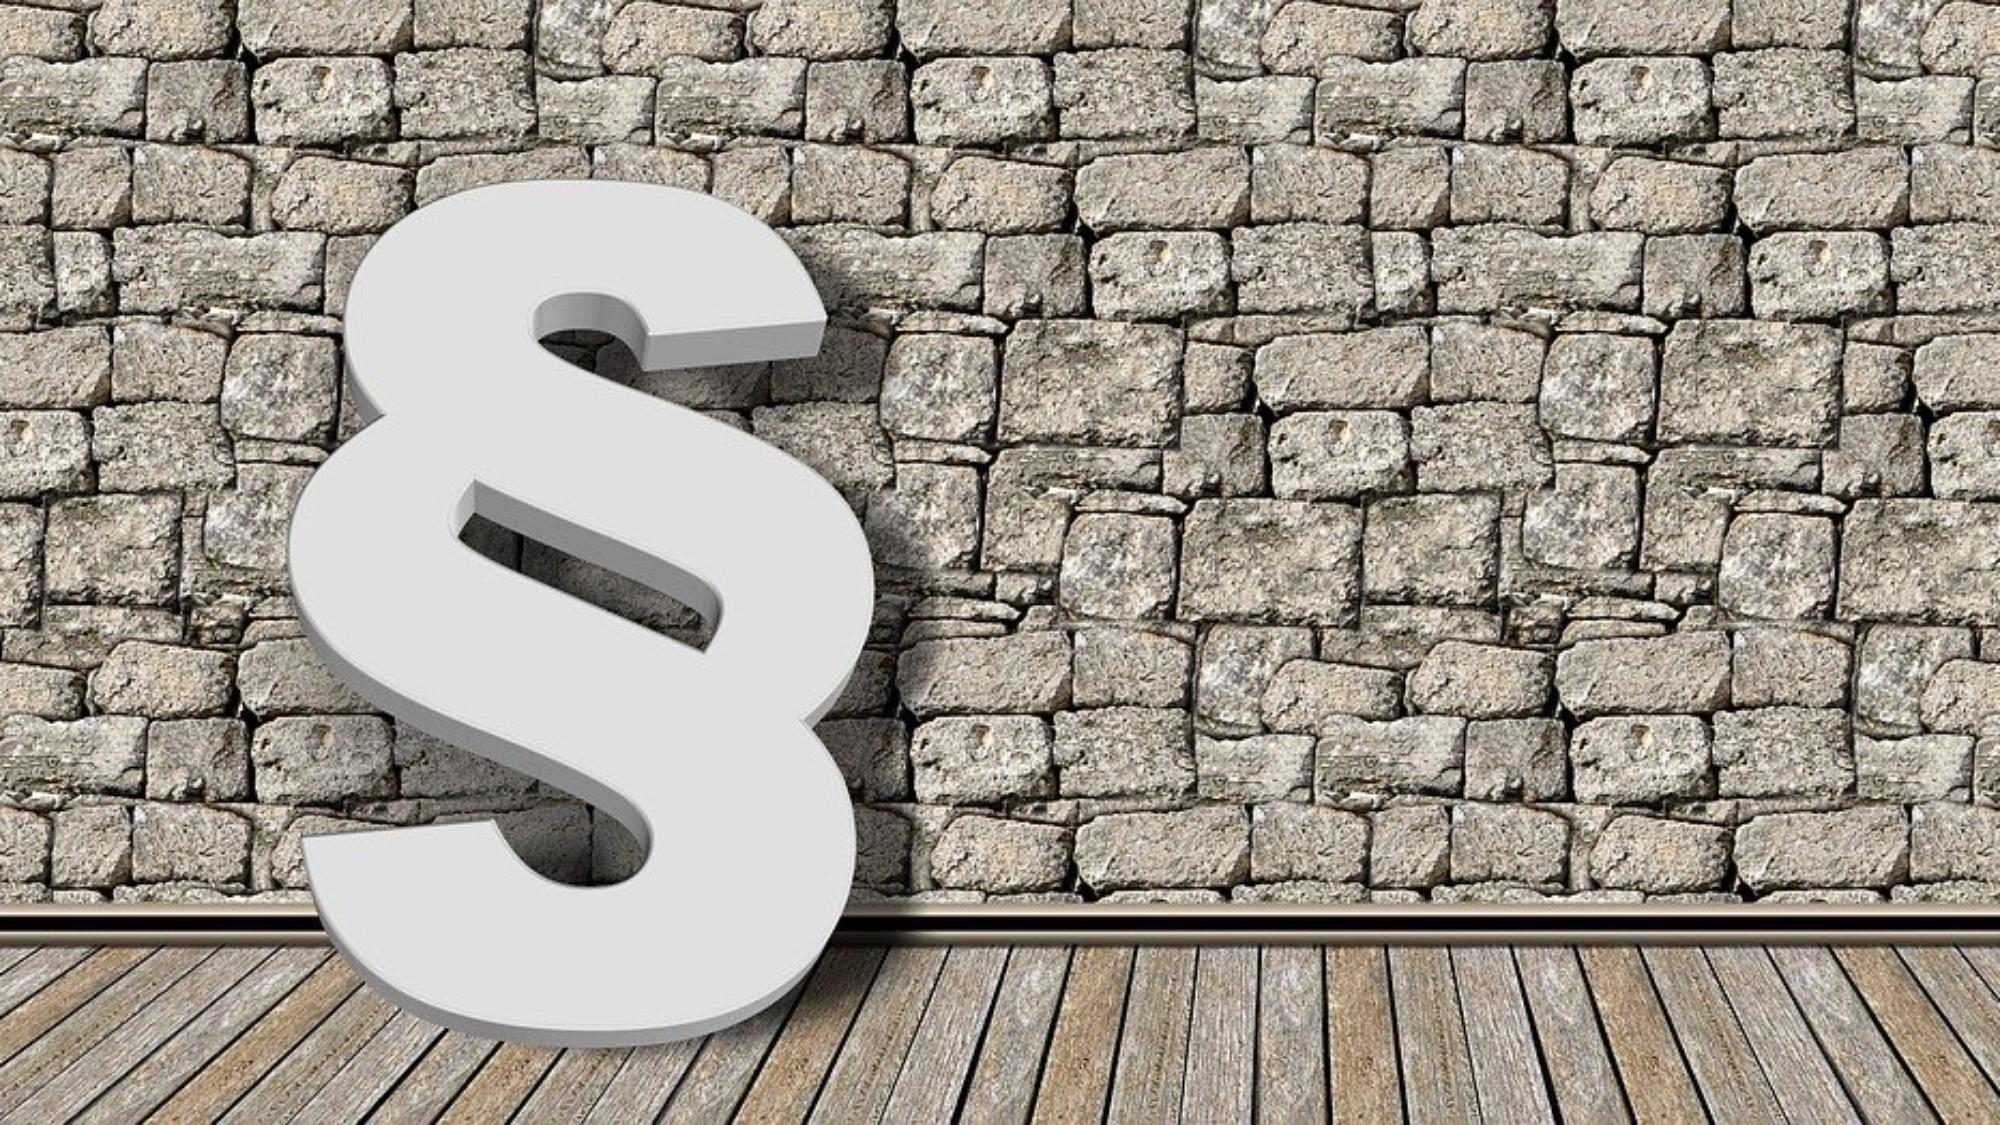 auffahrunfallschuldfrage-kfzsachverstaendigerberlin-titelbild-blogbeitrag